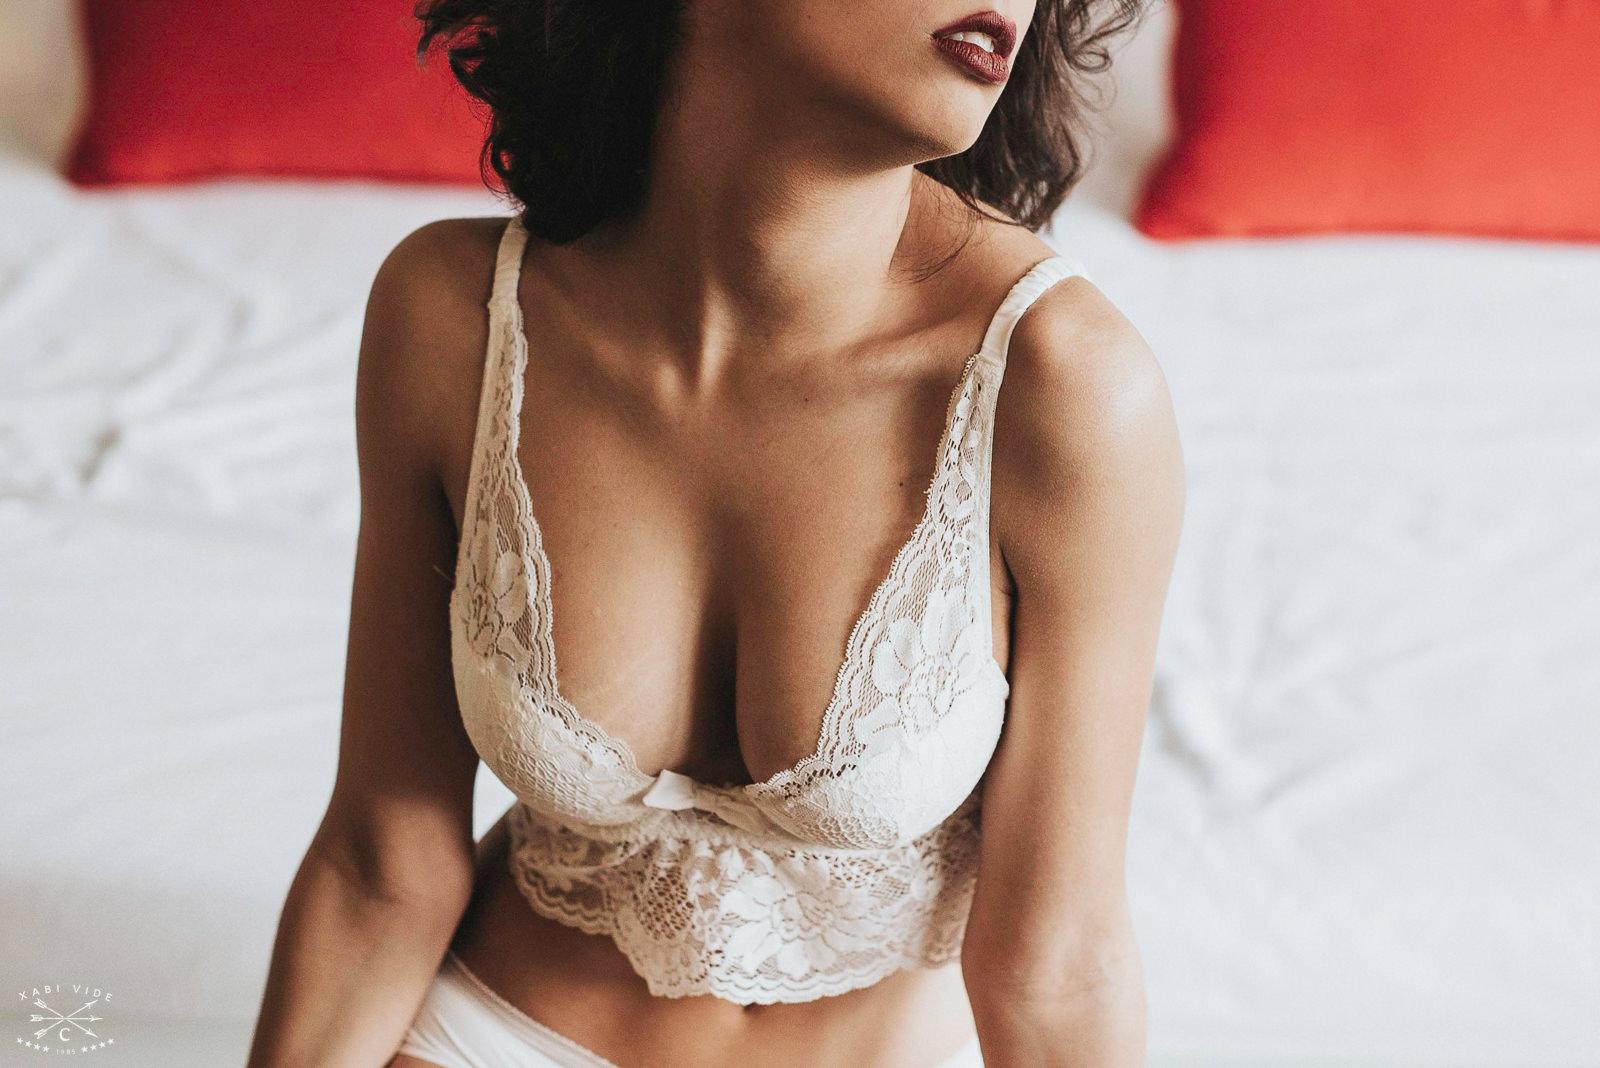 oihane_boudoir_xabivide-9